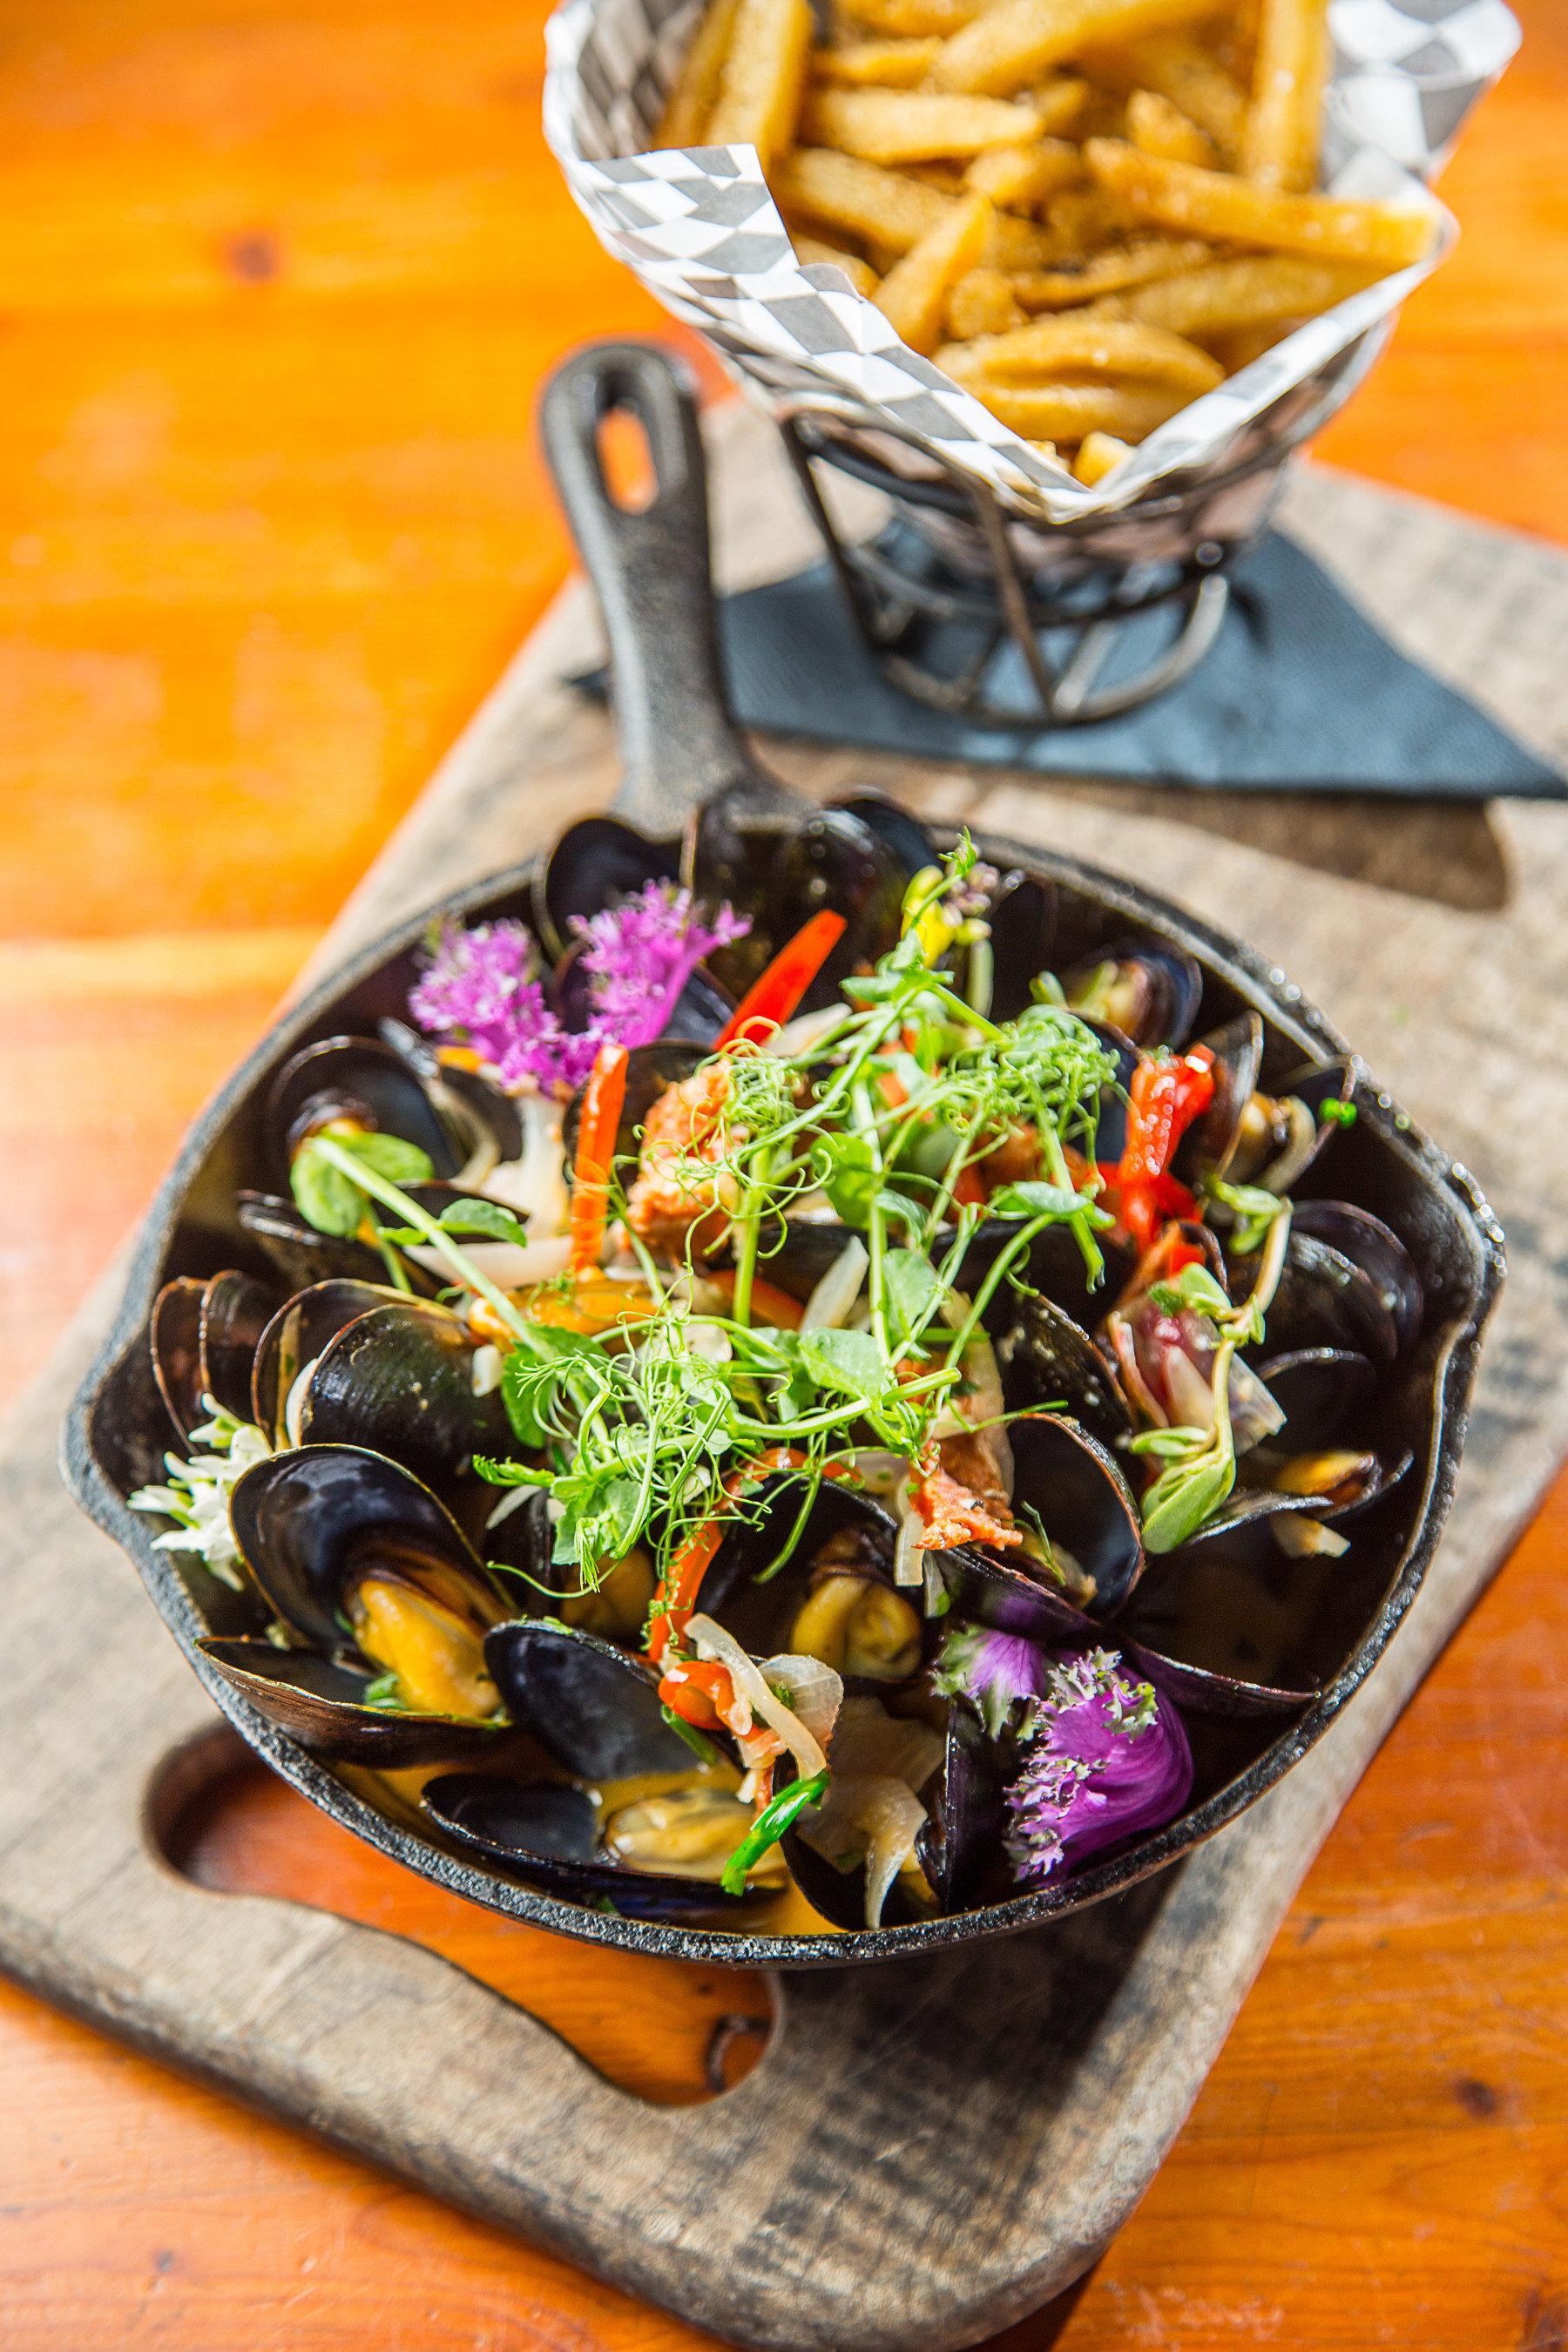 Trip Ideas Weekend Getaways Winter table food dish floor produce vegetable wooden cuisine mussel toppings meal sliced